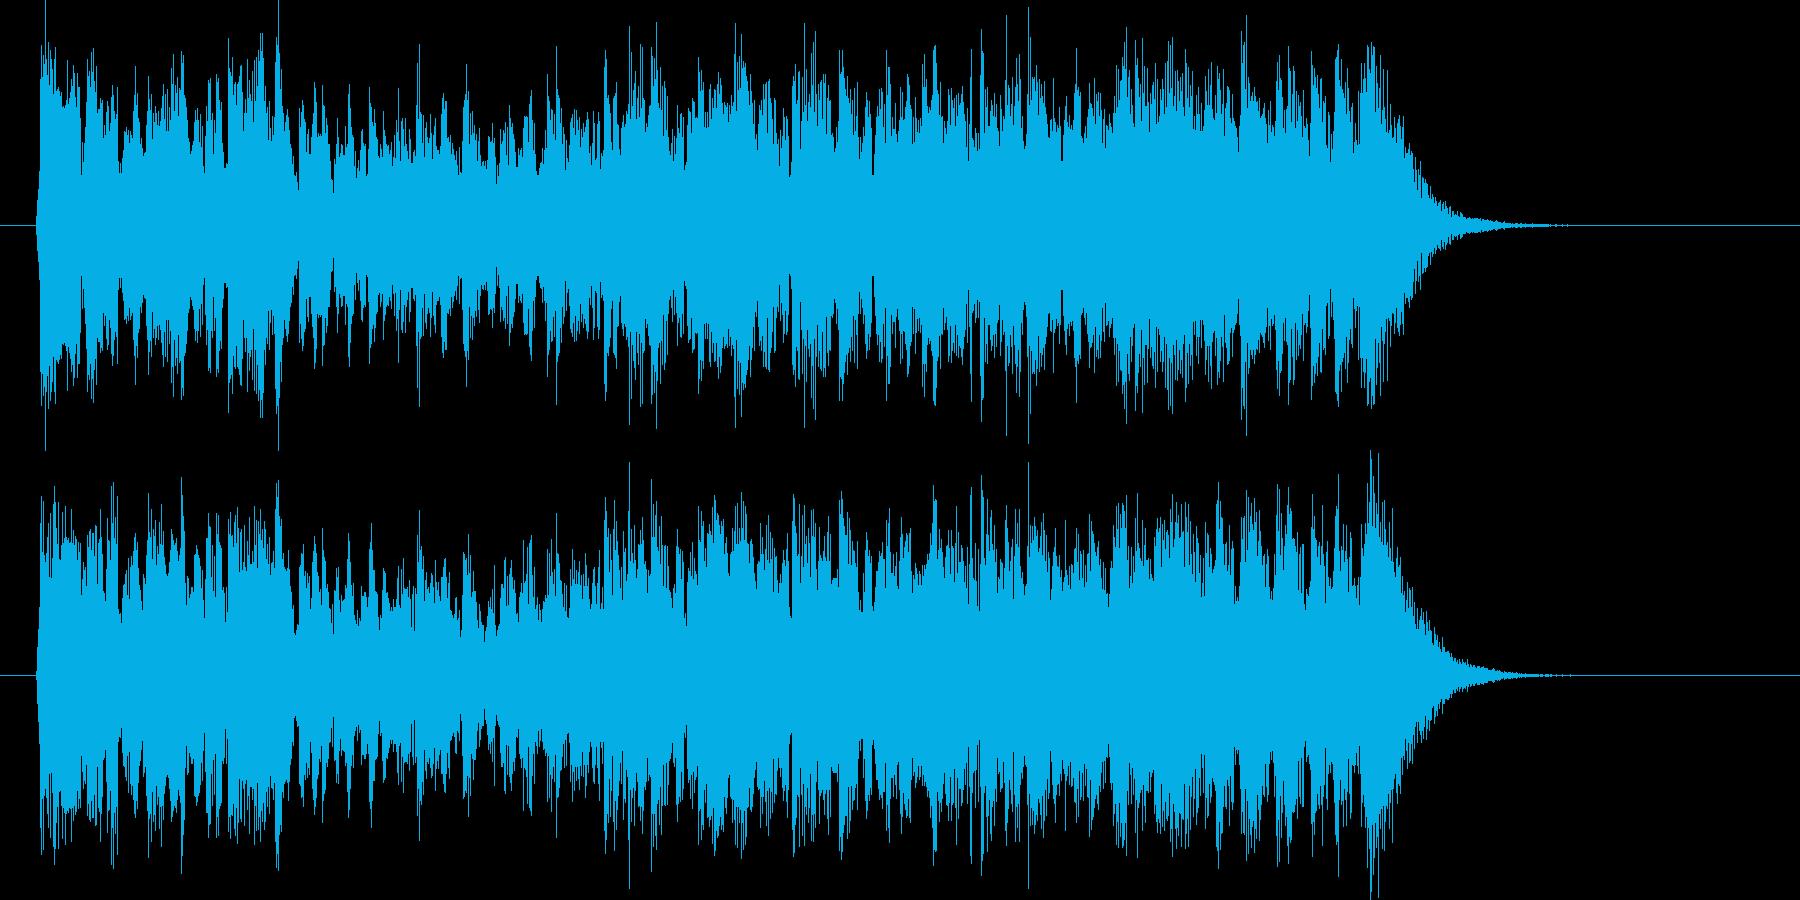 ワイルドで迫力のあるジングルの再生済みの波形